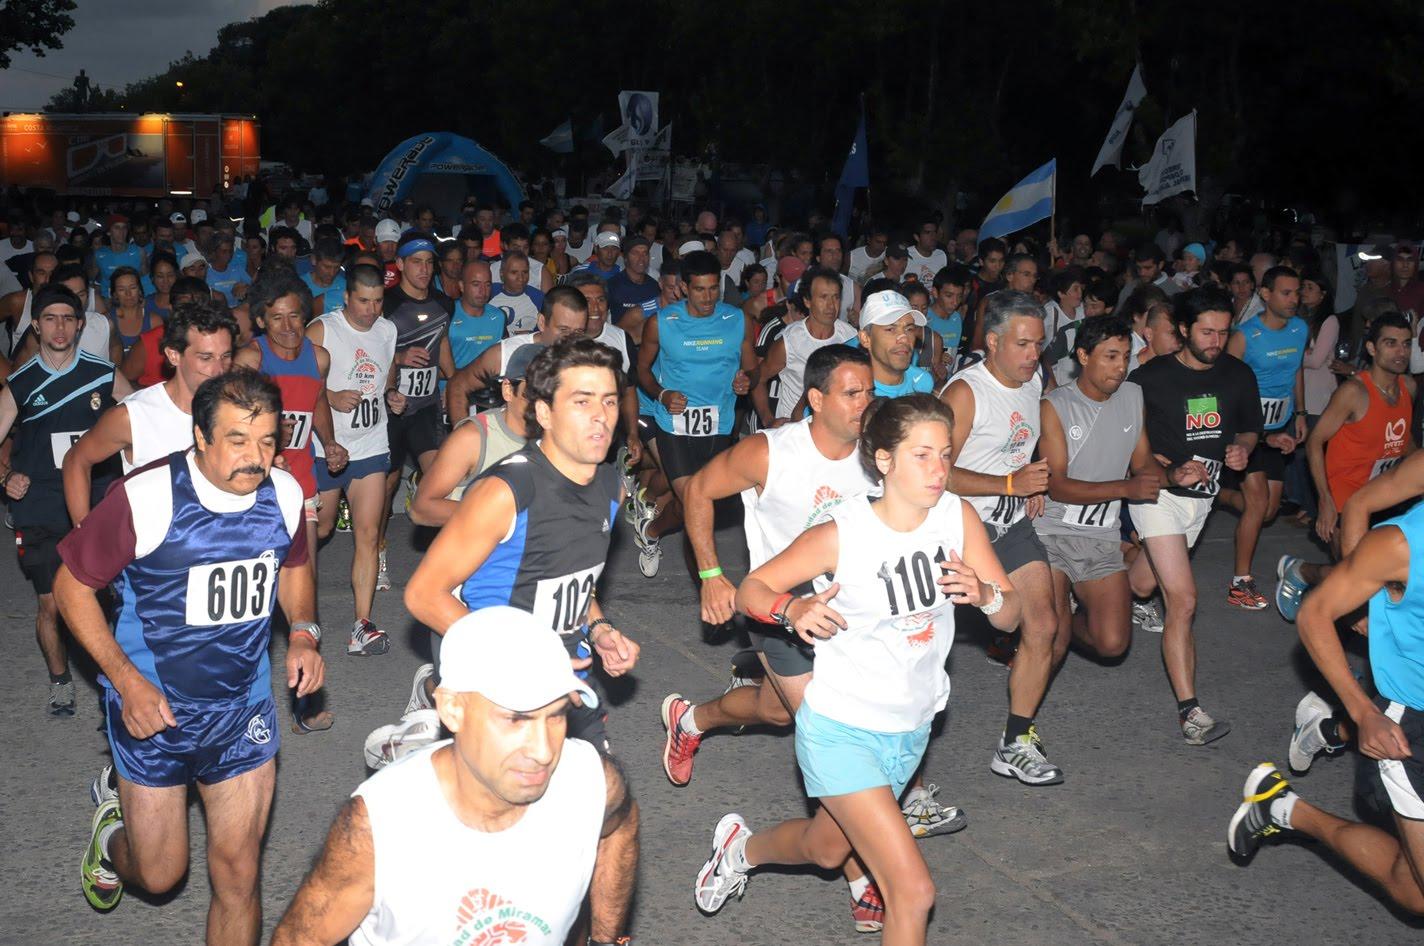 Con alrededor de 400 inscriptos, se realizó una nueva edición de la maratón nocturna